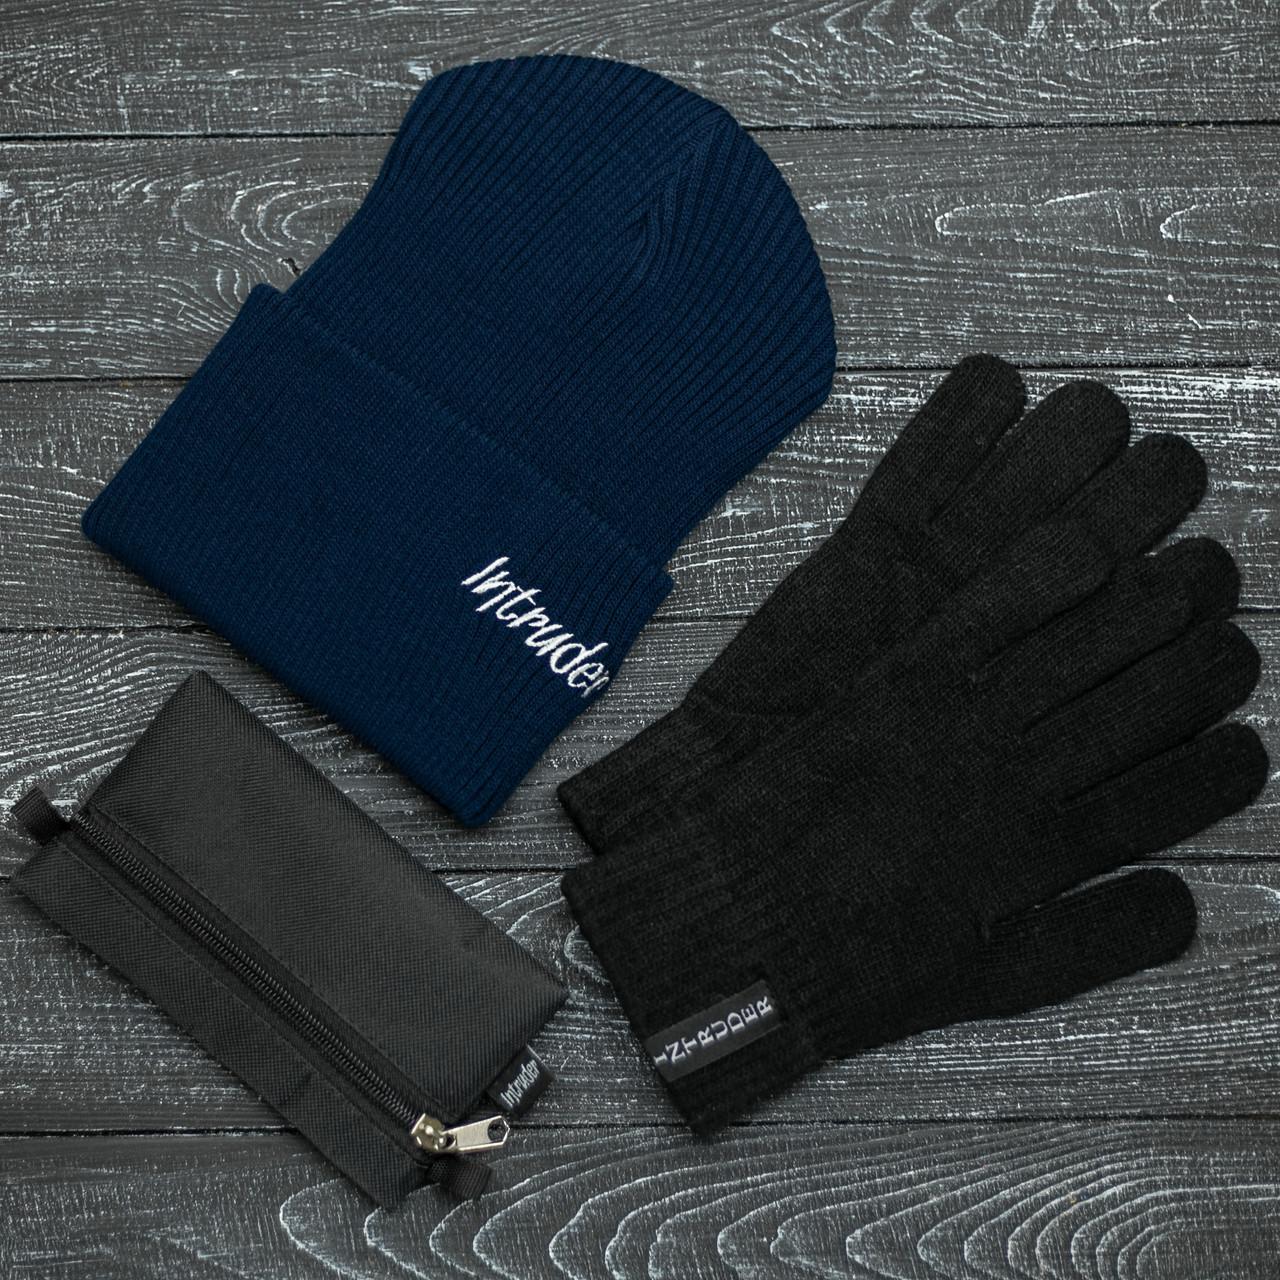 Шапка Мужская/ Женская Intruder зимняя small logo синяя и перчатки черные, зимний комплект